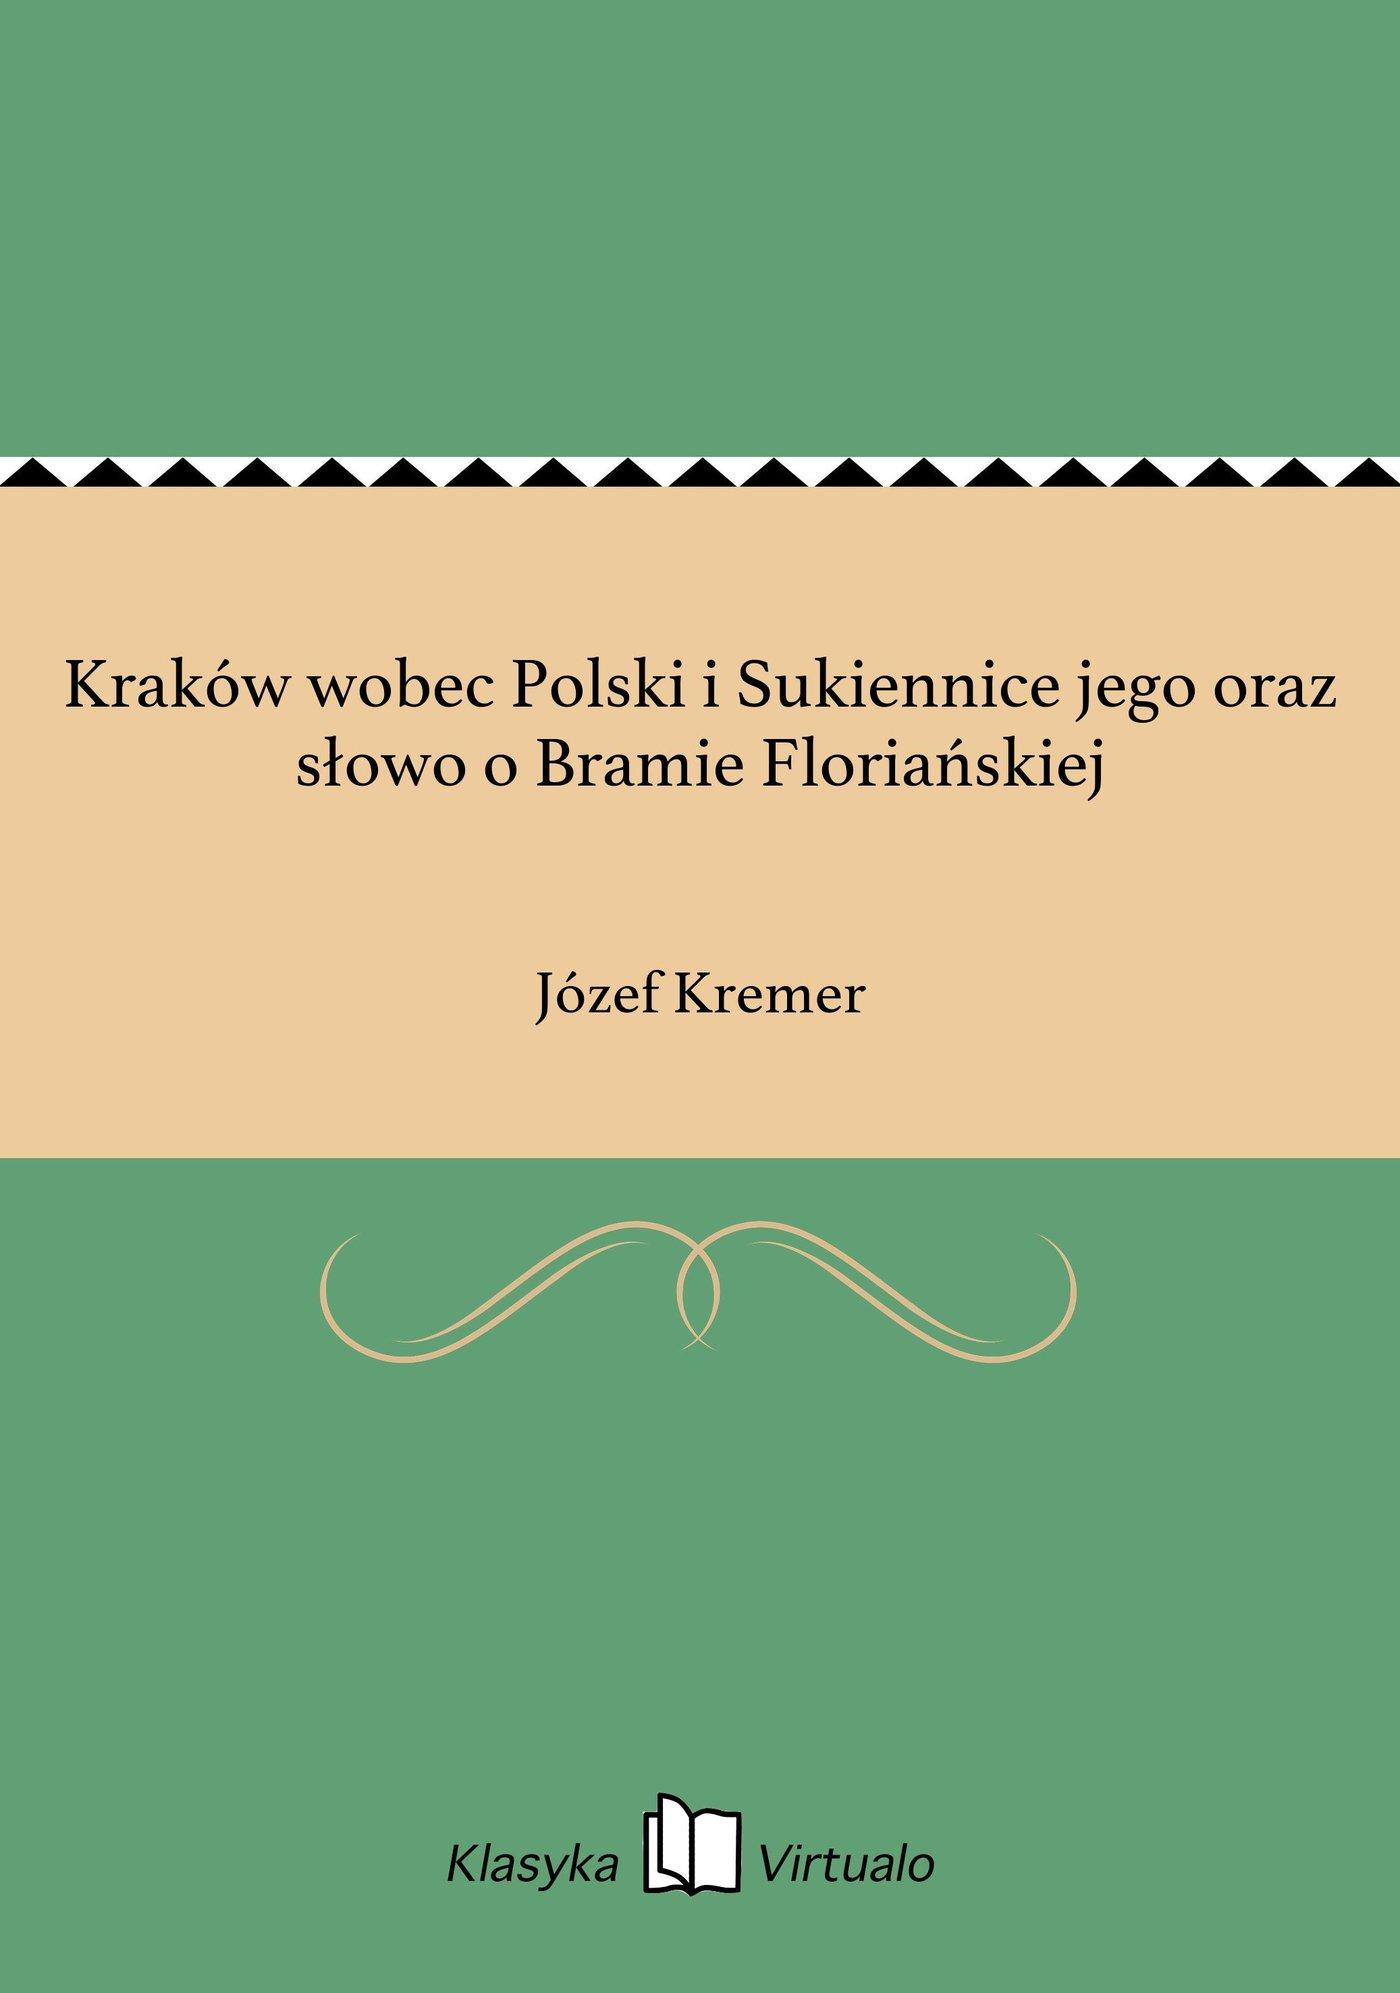 Kraków wobec Polski i Sukiennice jego oraz słowo o Bramie Floriańskiej - Ebook (Książka na Kindle) do pobrania w formacie MOBI